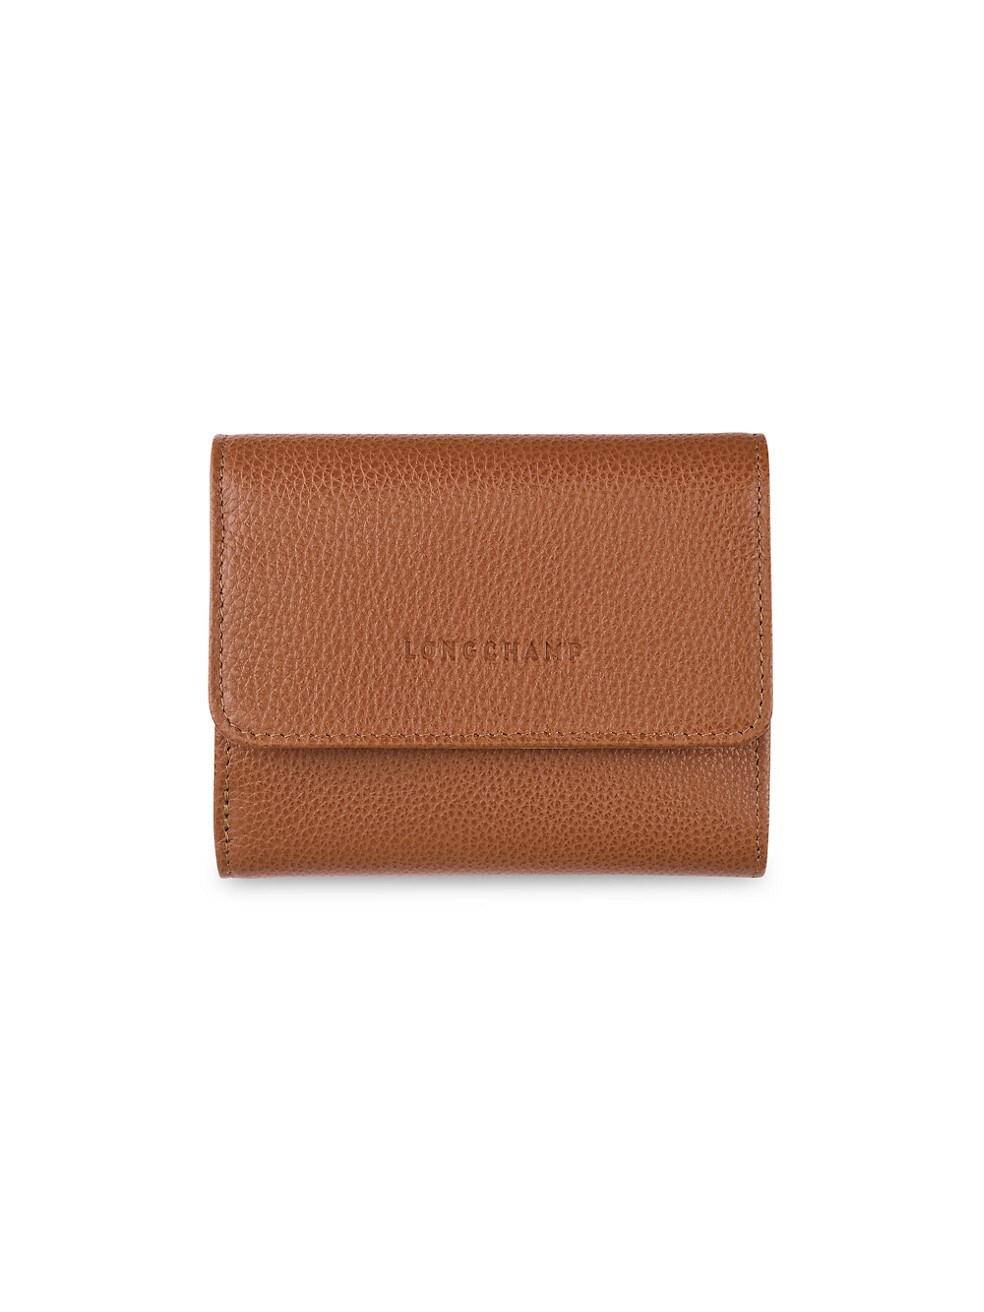 롱샴 지갑 Longchamp Le Foulonne Leather Wallet,CARAMEL